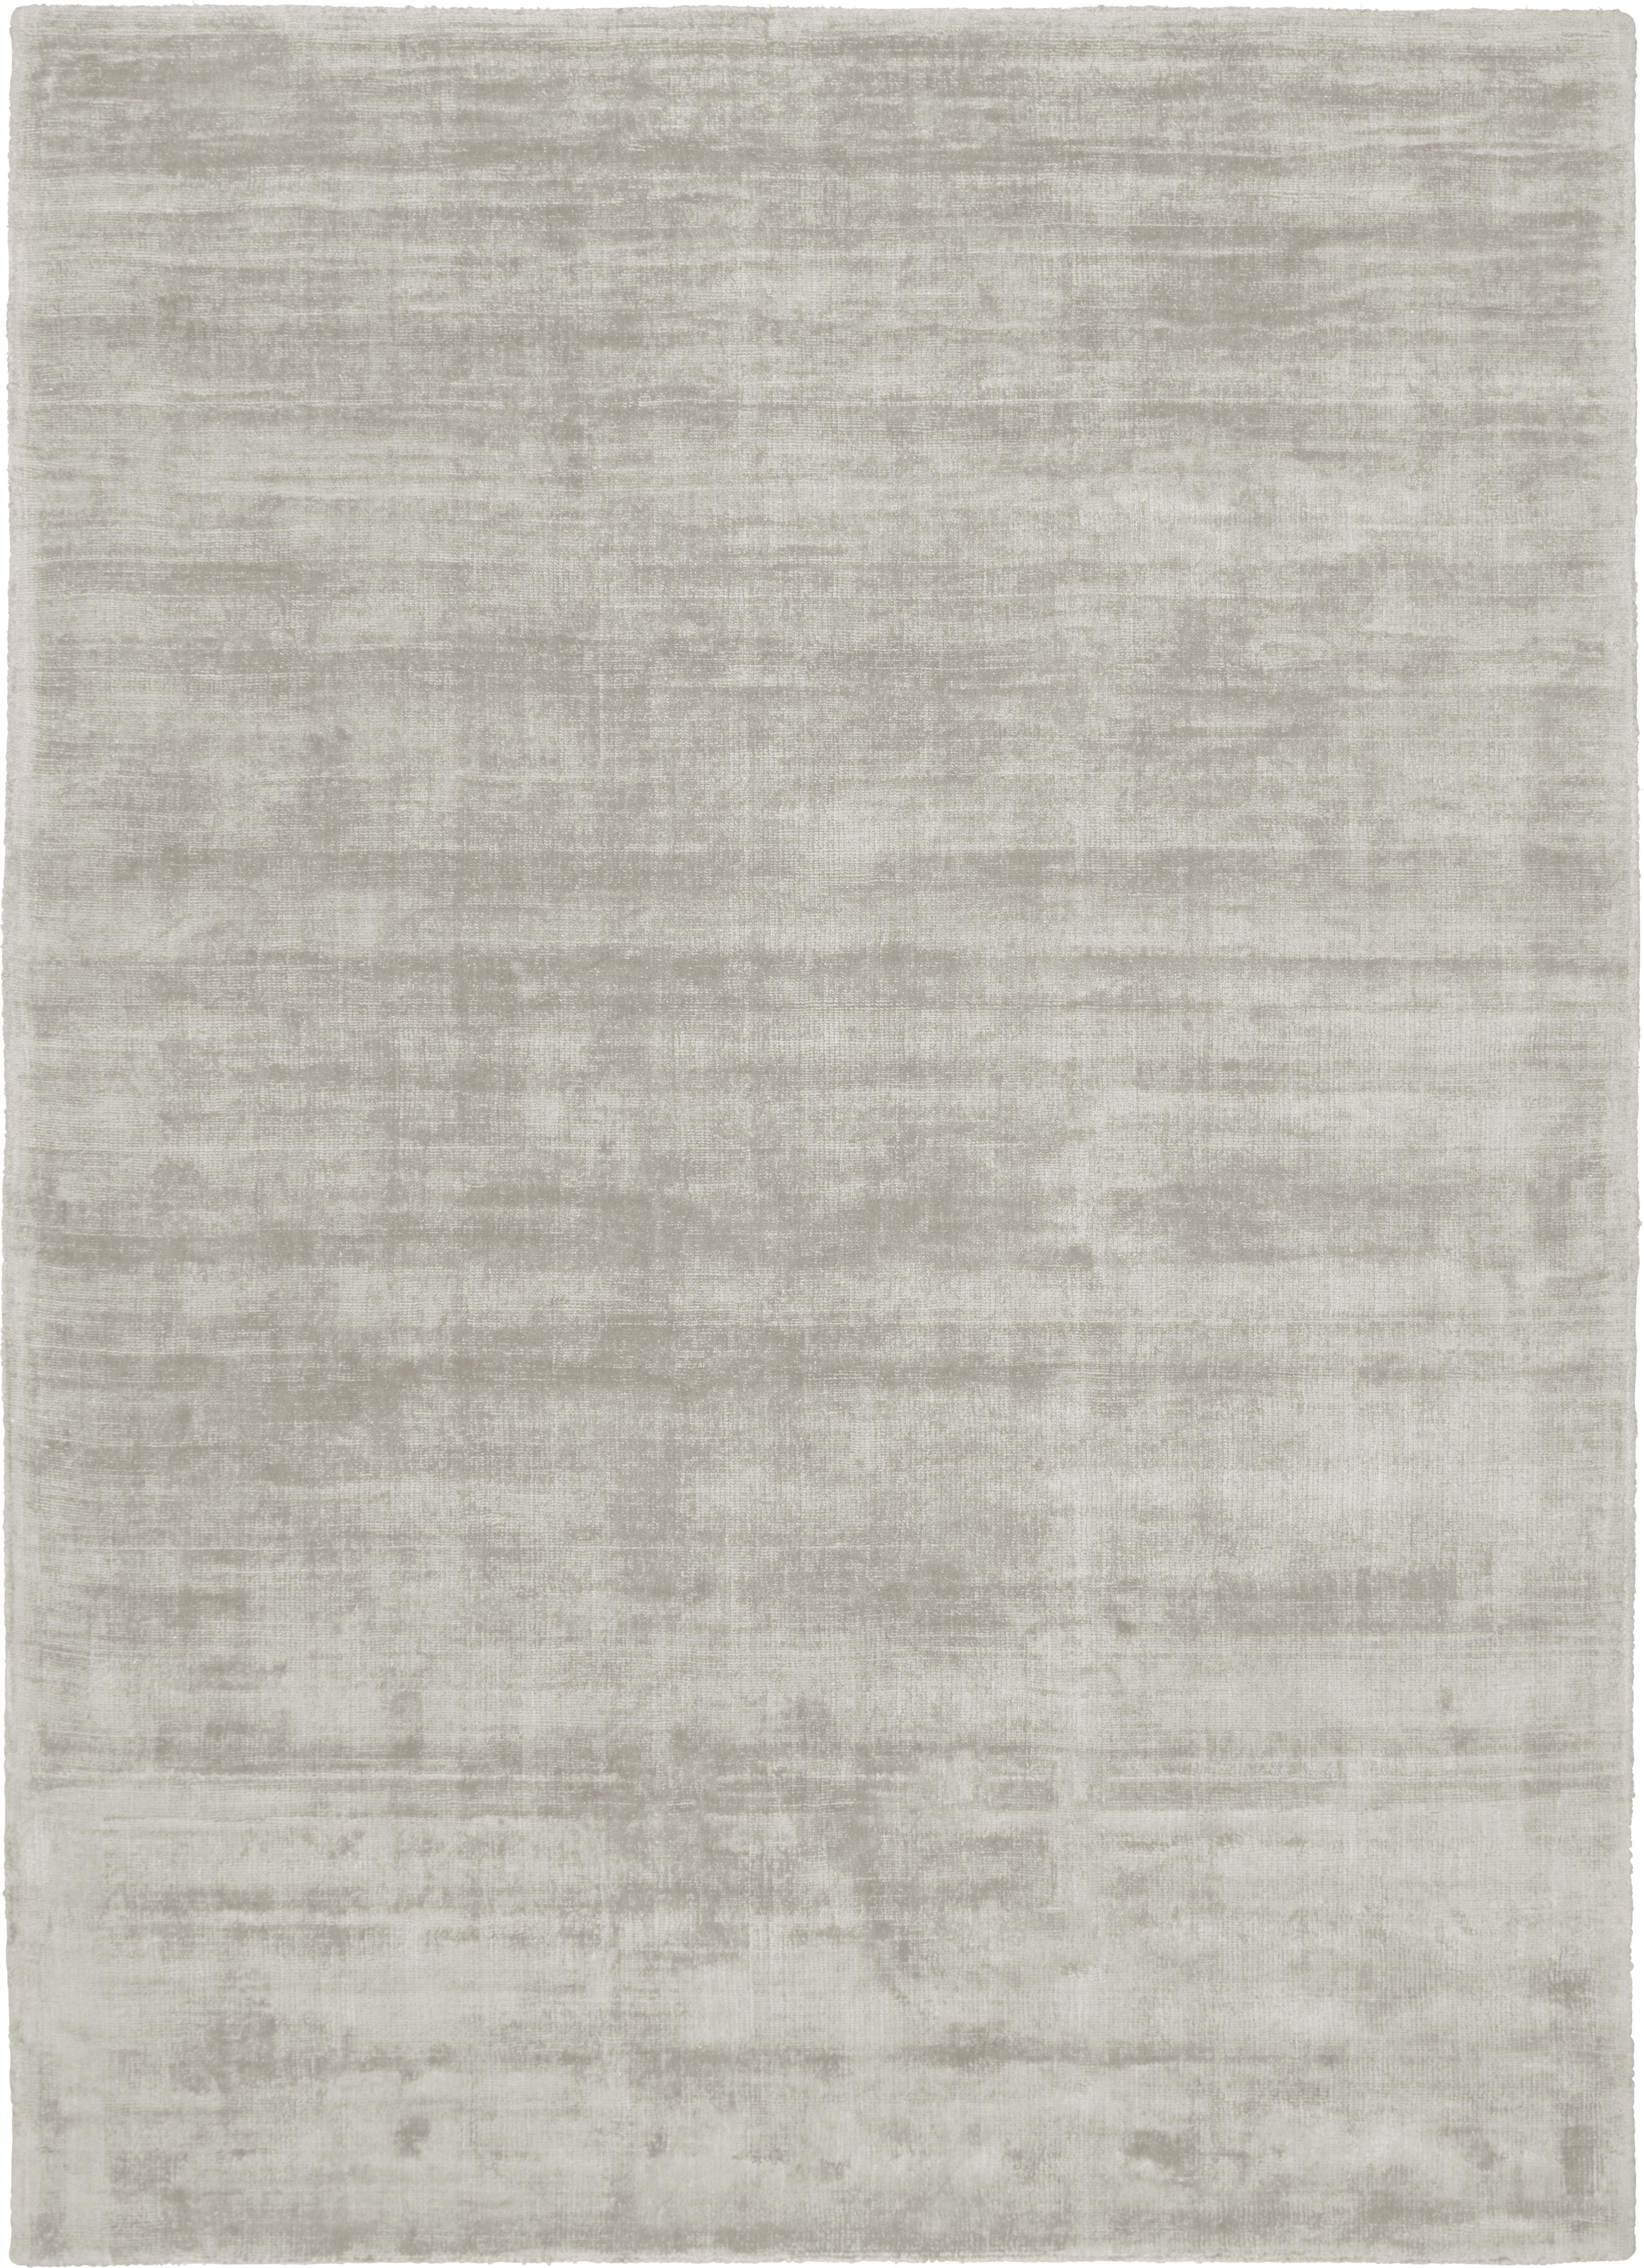 Szőnyeg Andrea - szürke, textil (120/170cm) - MÖMAX modern living